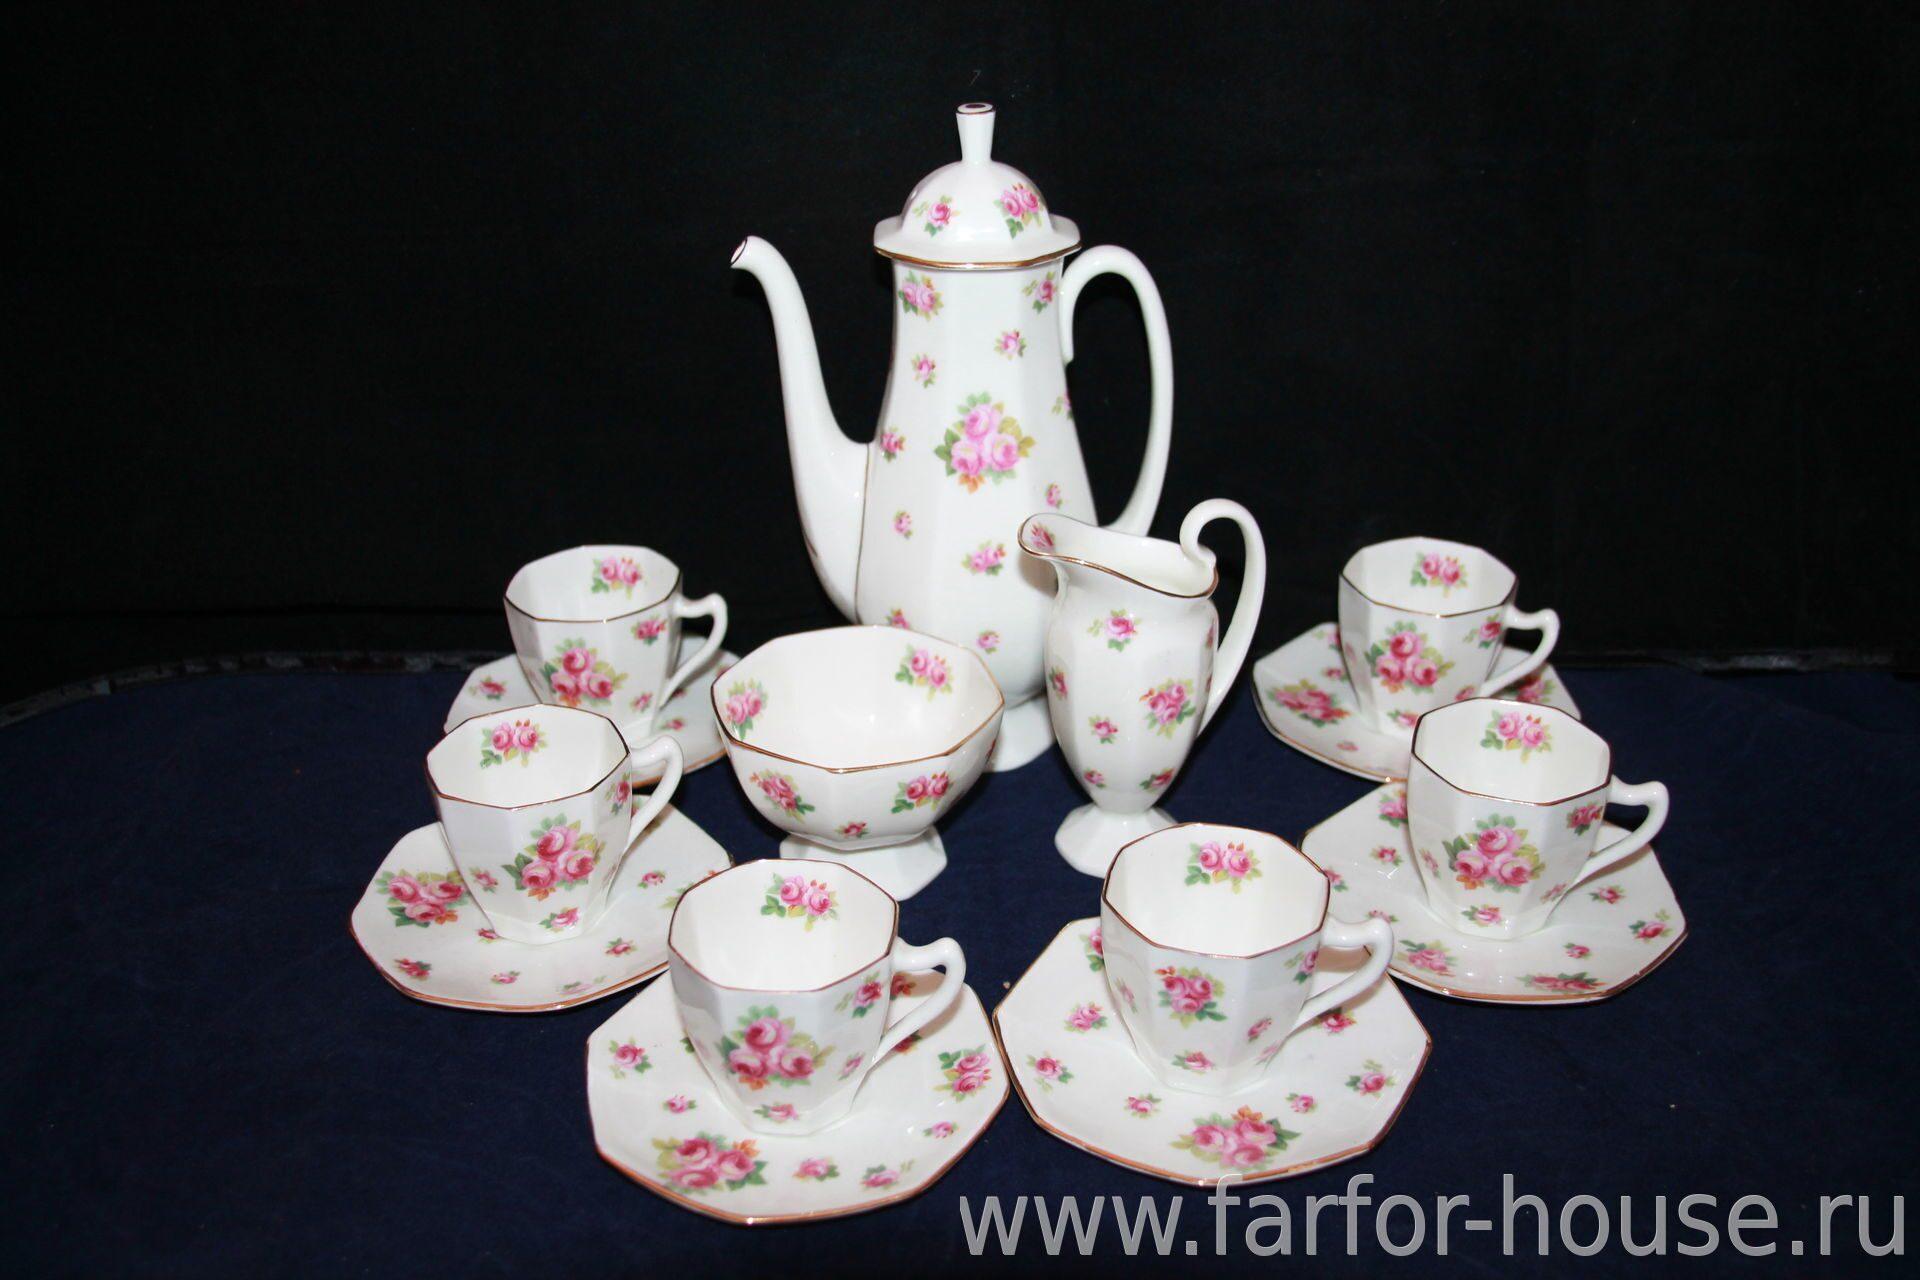 английские фарфоровые чашки